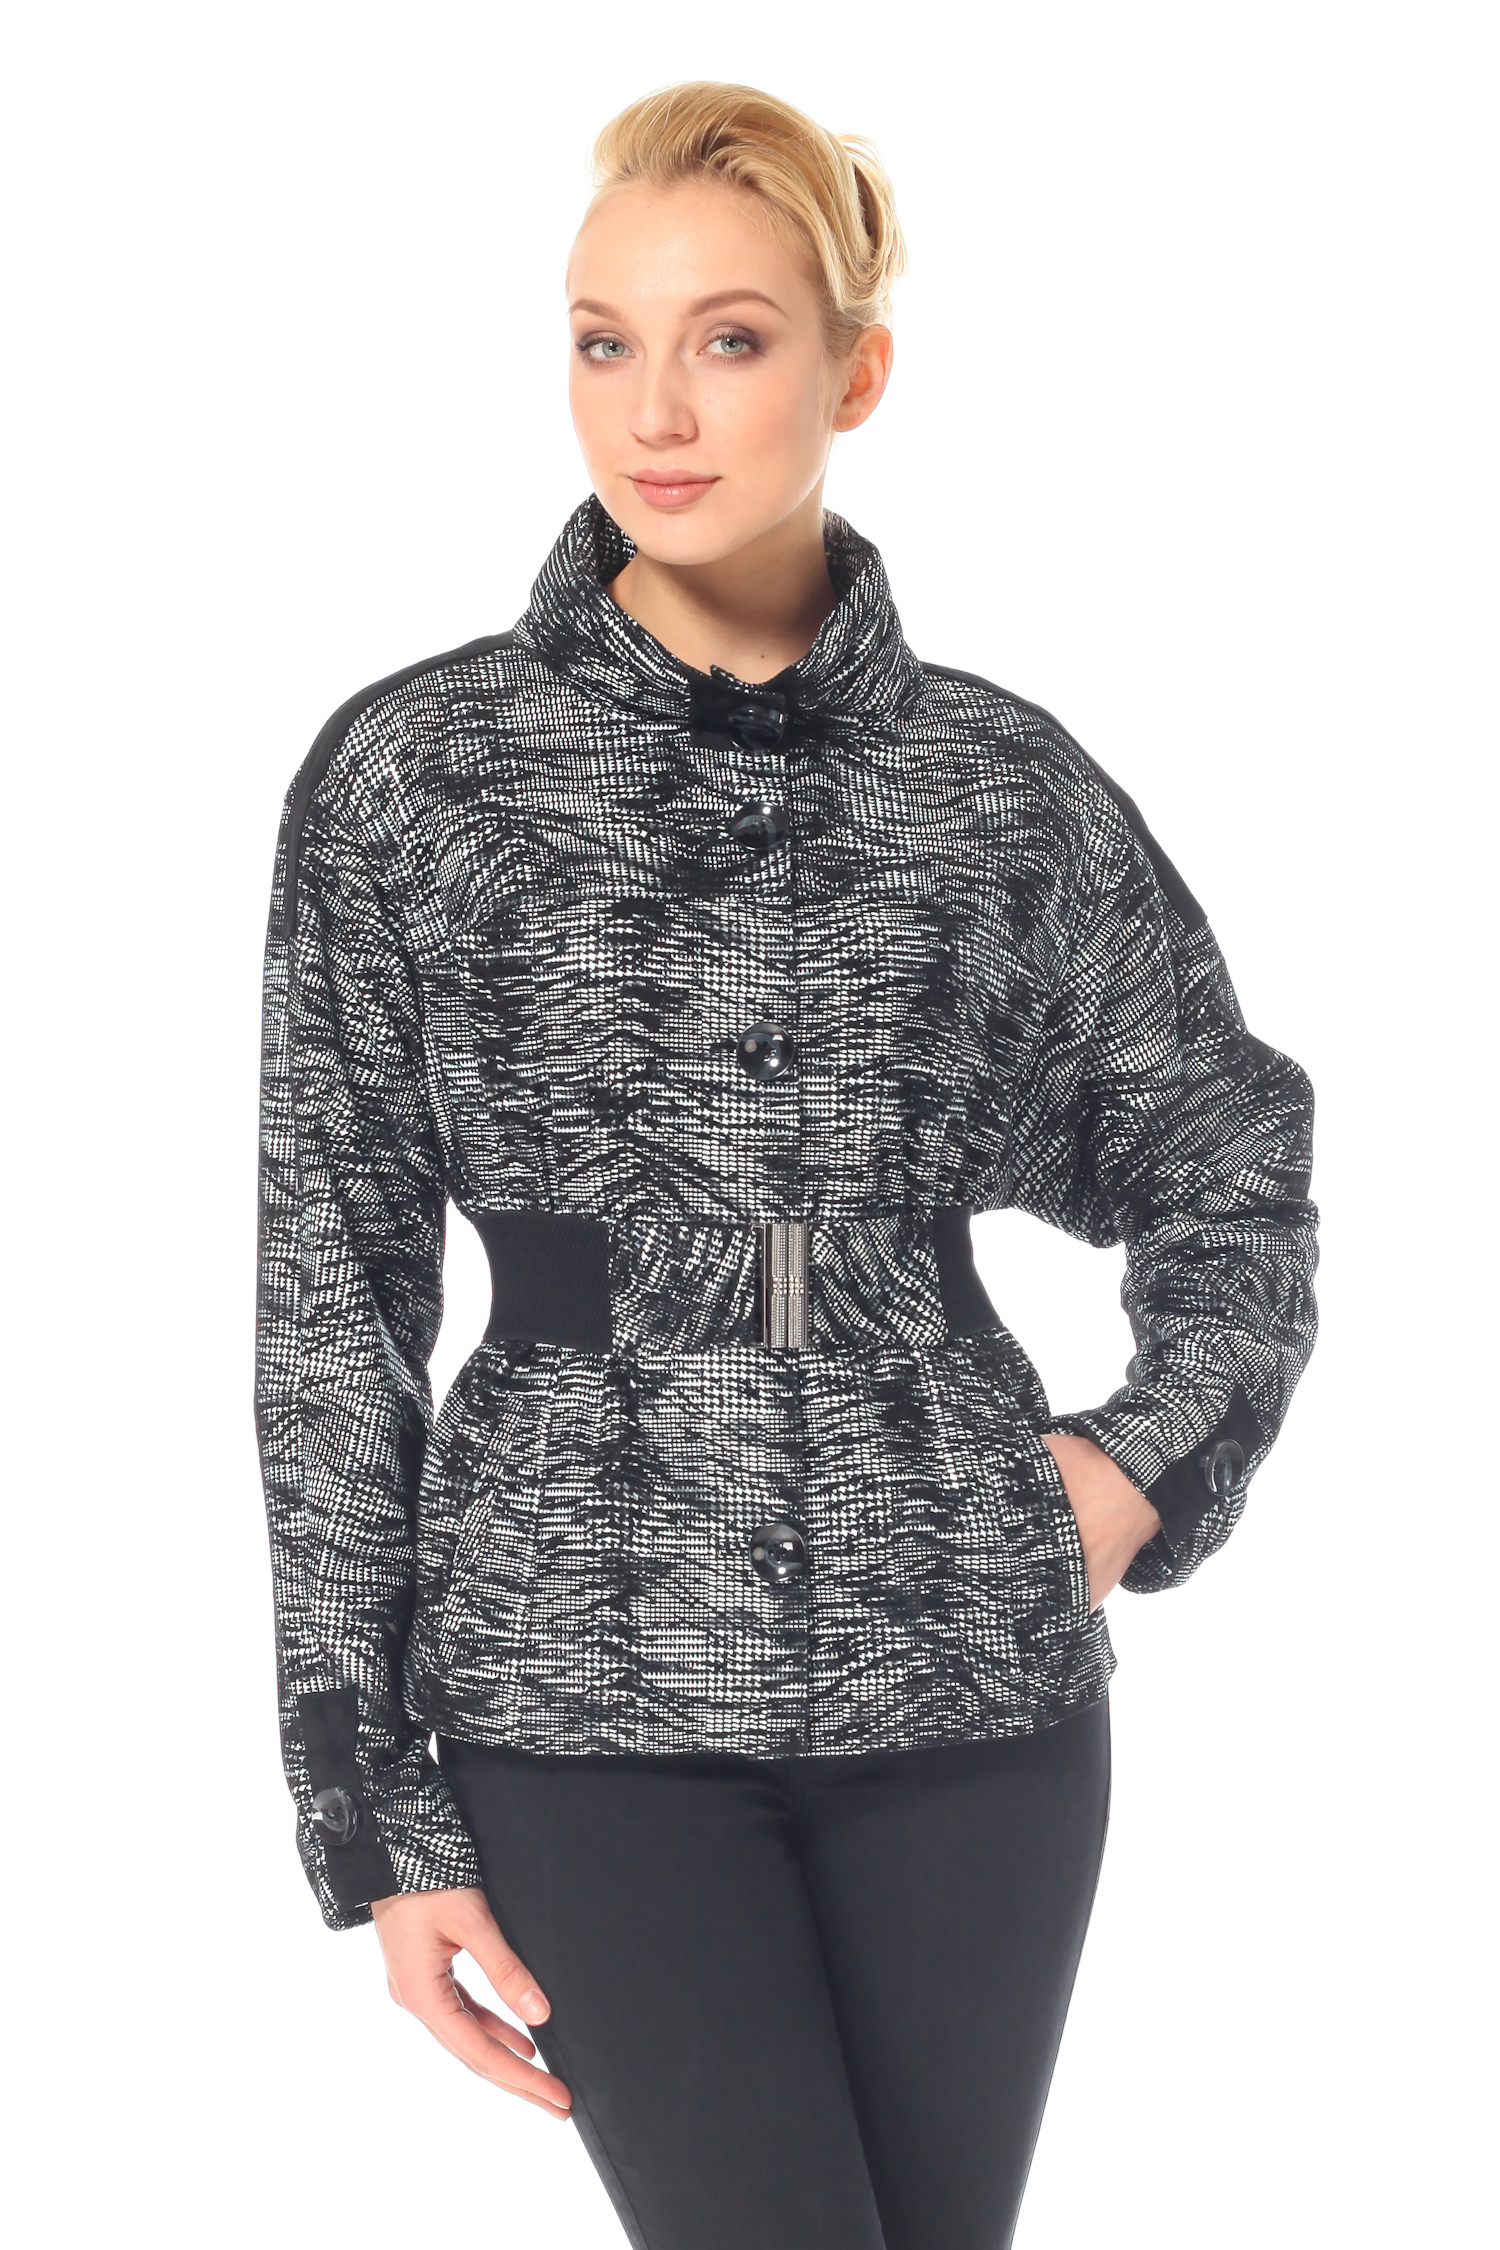 Женская кожаная куртка из натуральной замши (с накатом) с воротником, без отделки